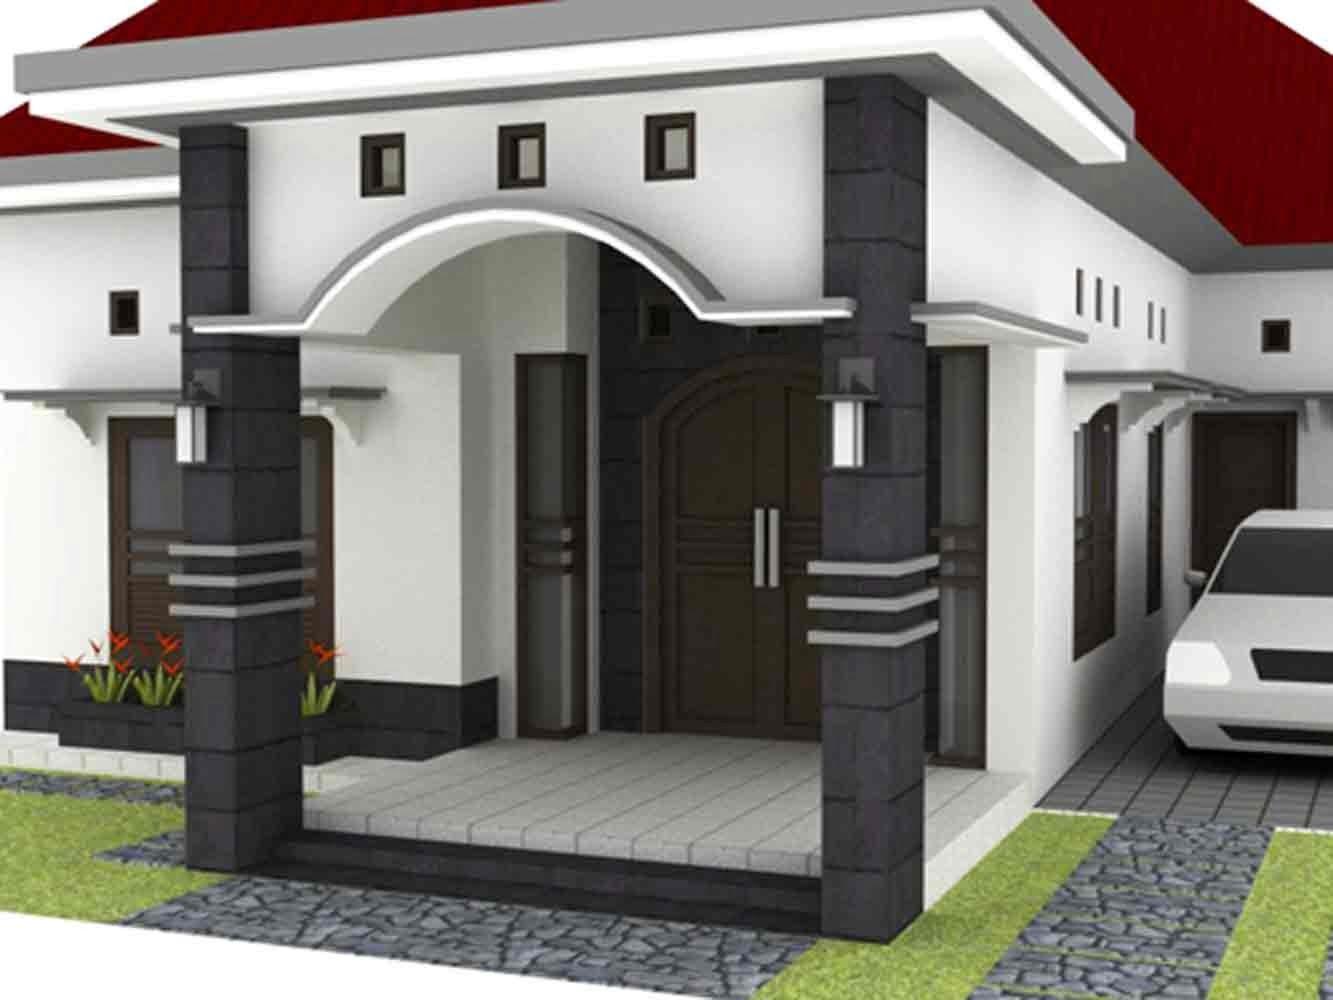 43 Inspirasi Desain Rumah Minimalis Leter L Terpopuler Yang Harus Kamu Tahu  - Deagam Design